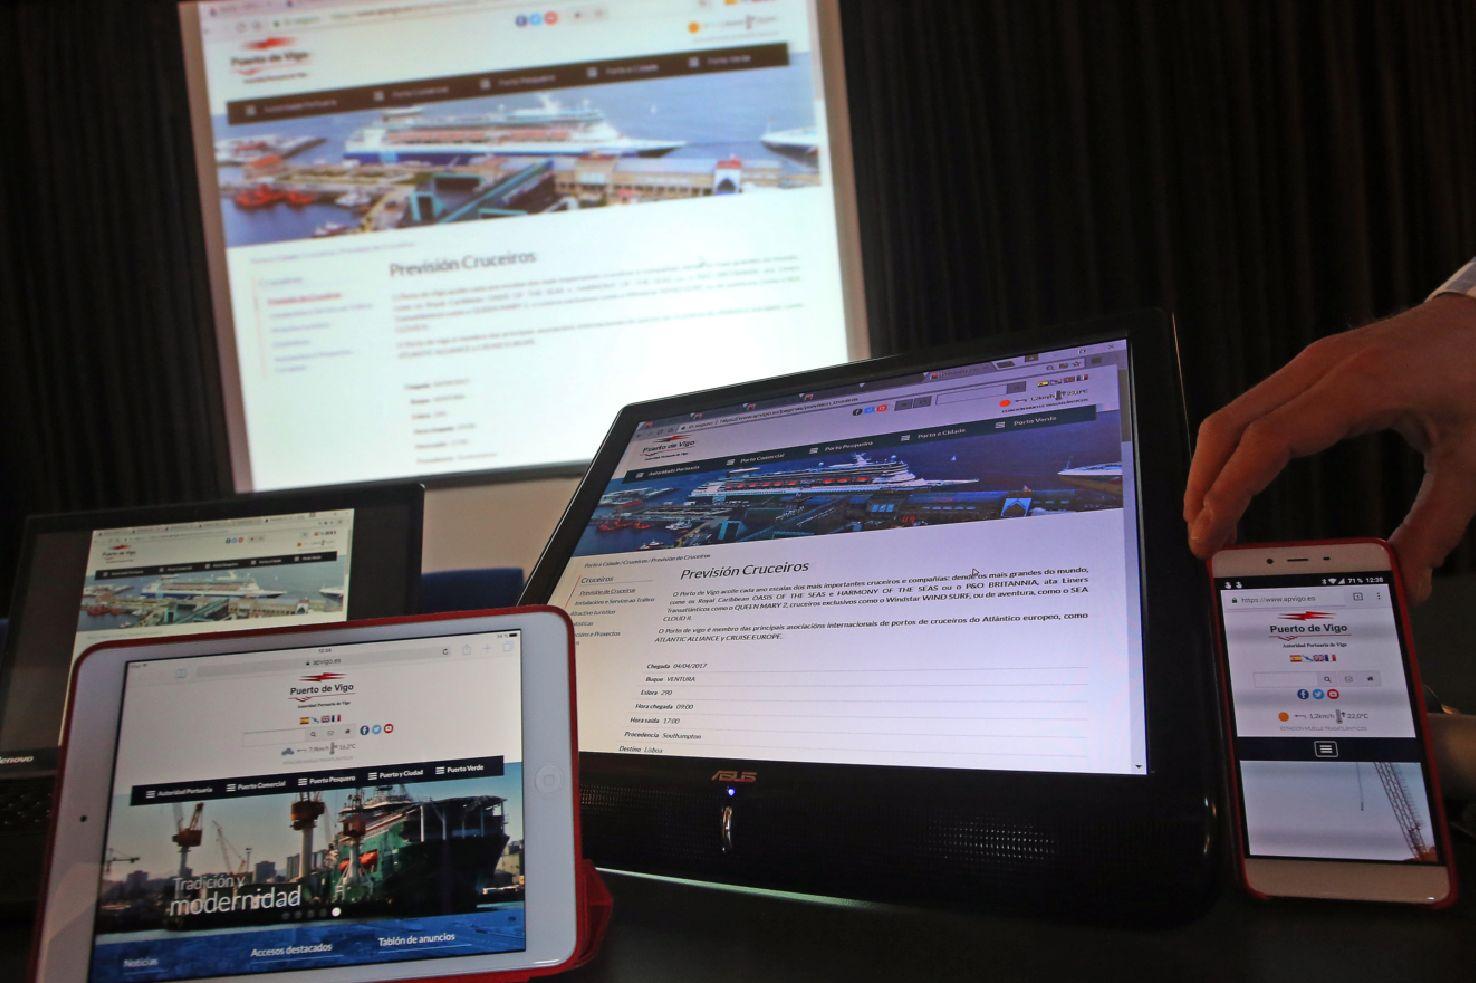 Autoridad Portuaria de Vigo, puerto, digitalización, tecnología, exportación.